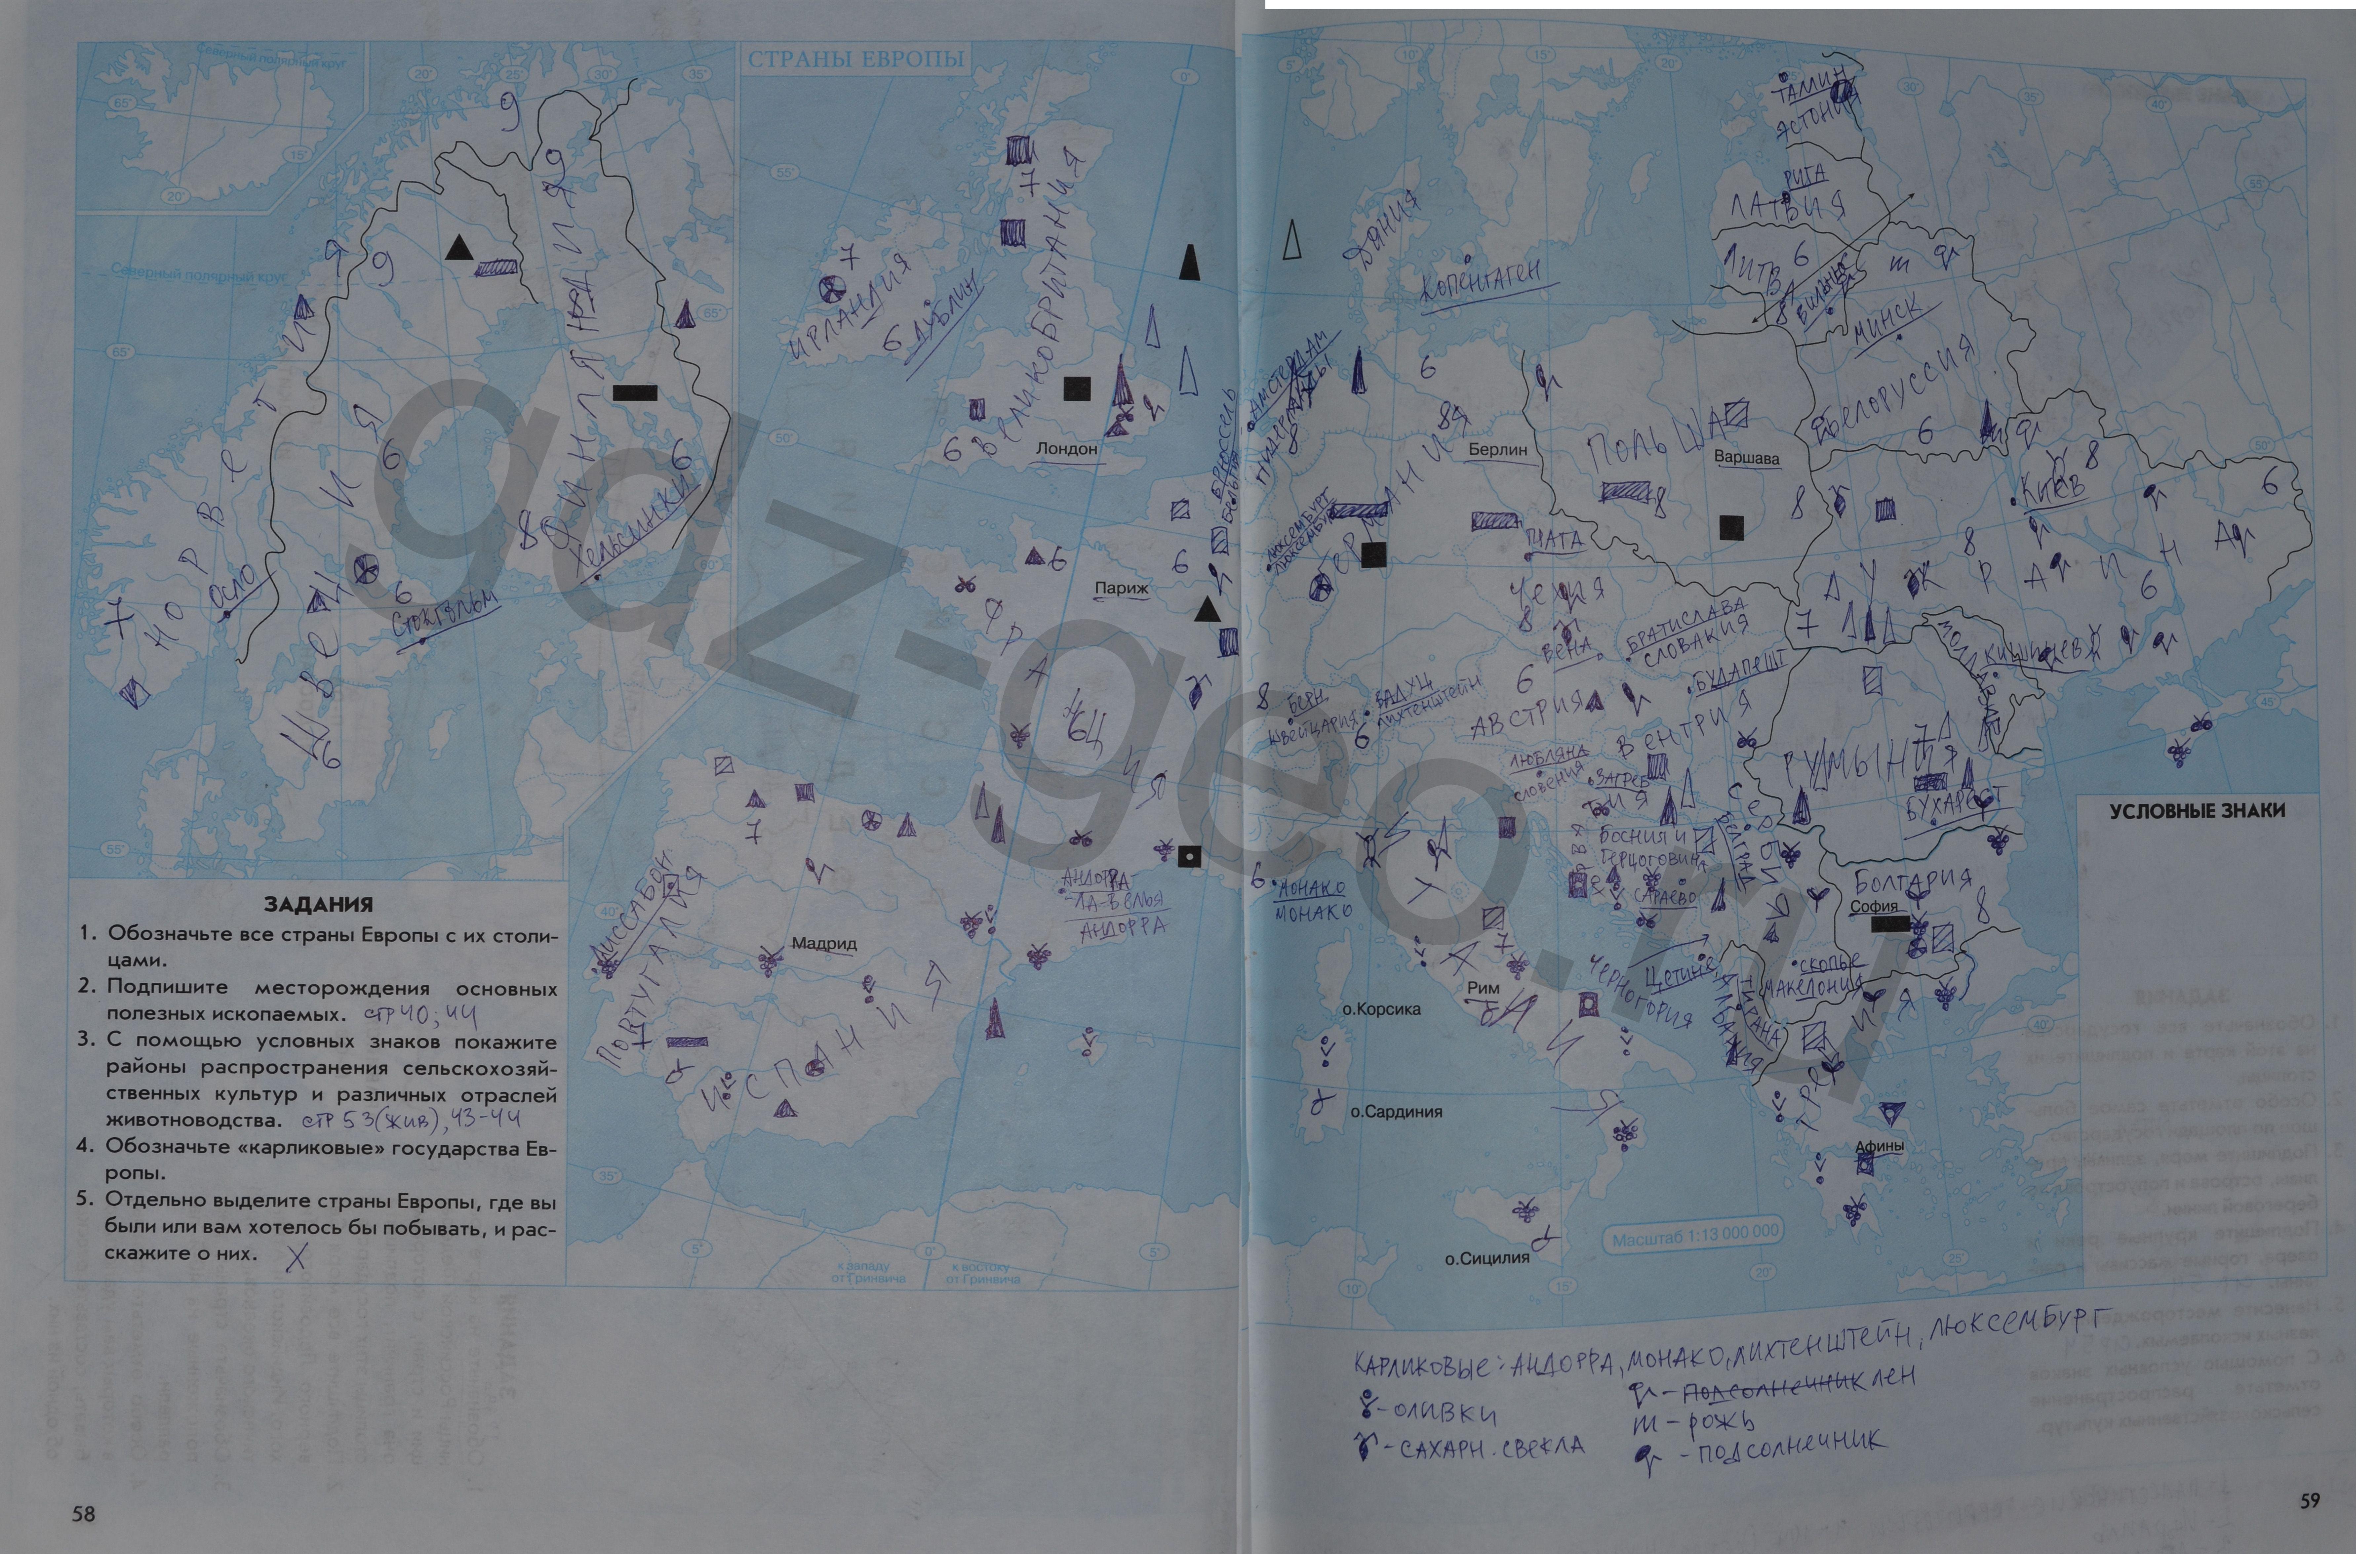 Контурная Карта Зарубежная Азия География Гдз 10 Класс Сиротин